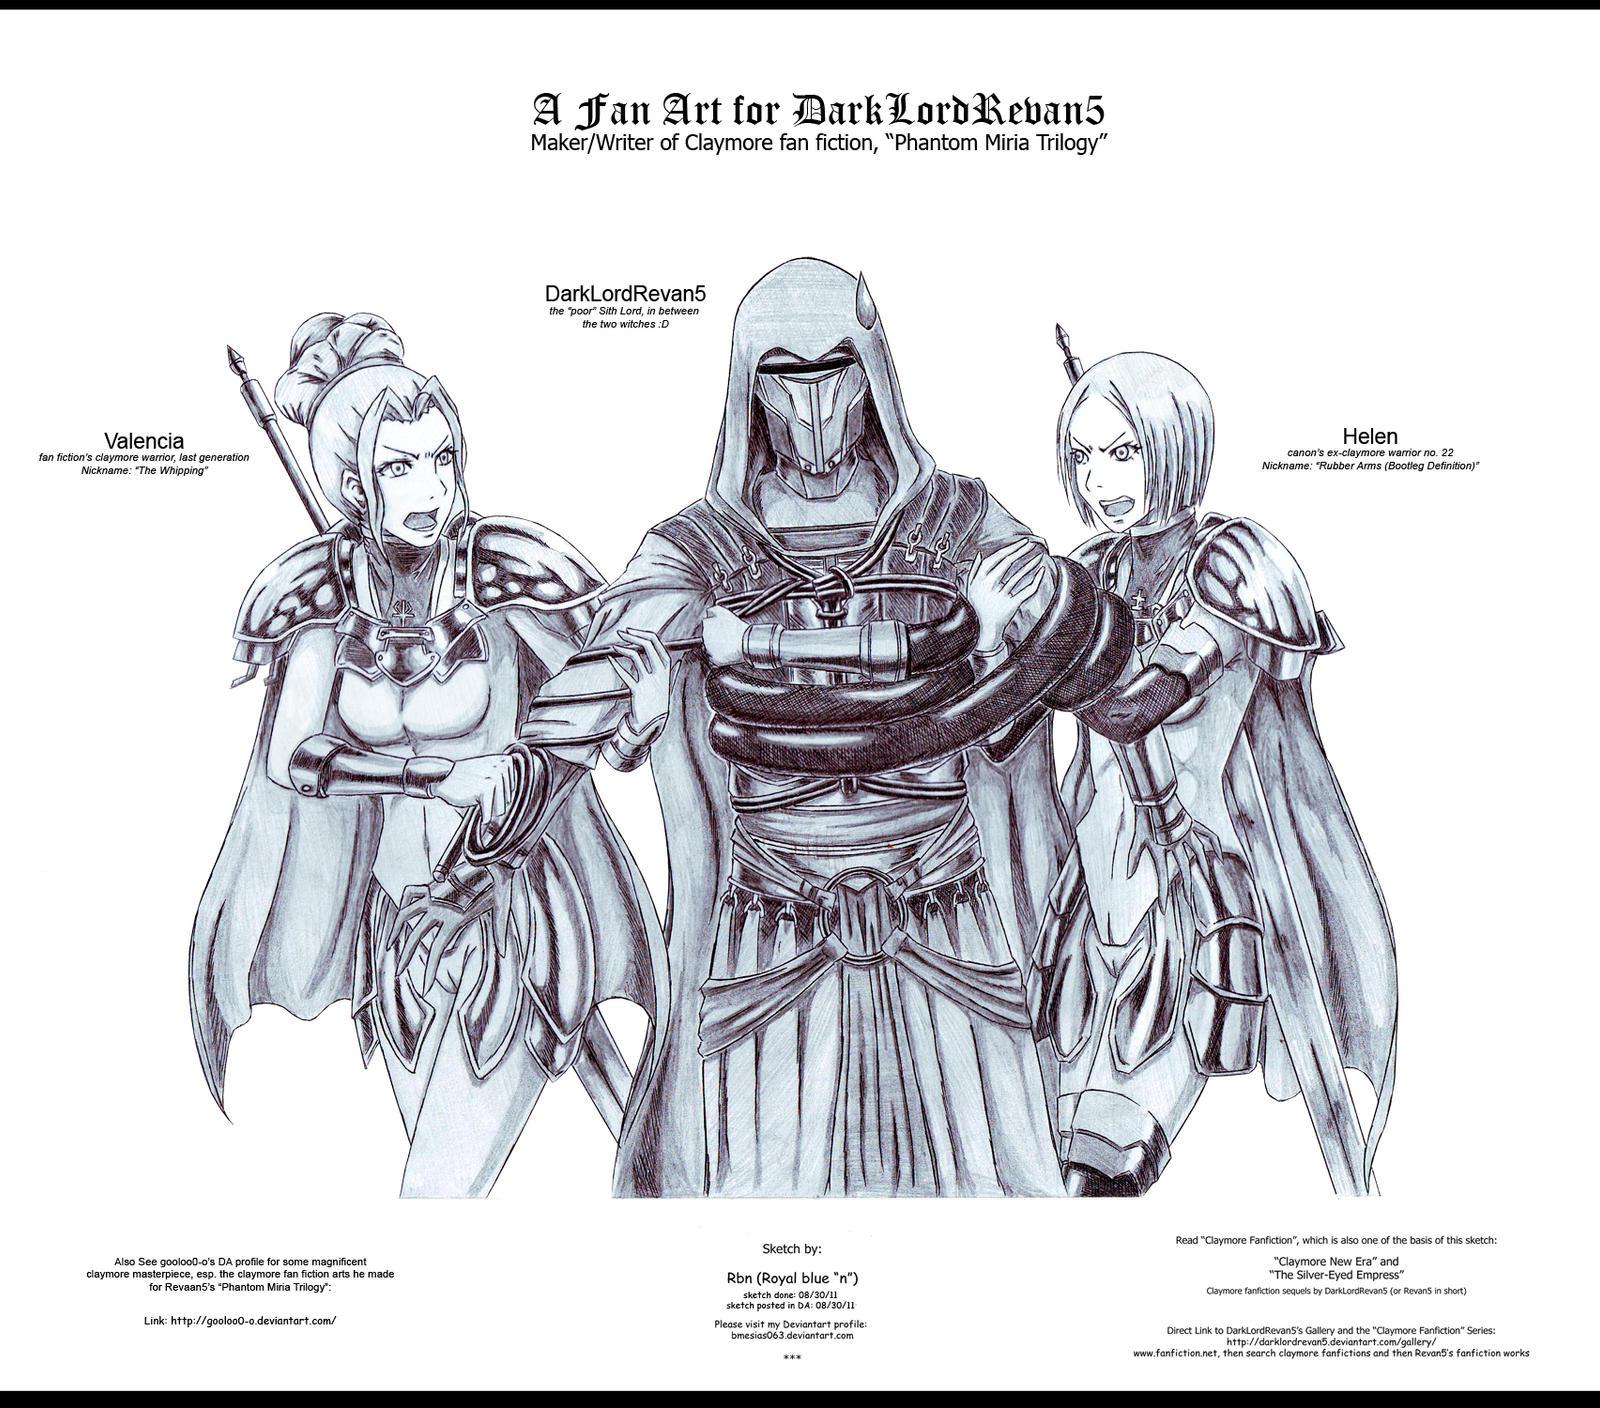 Art Fan Pour Darklordrevan5 Par Bmesias063 Sur Deviantart-6886